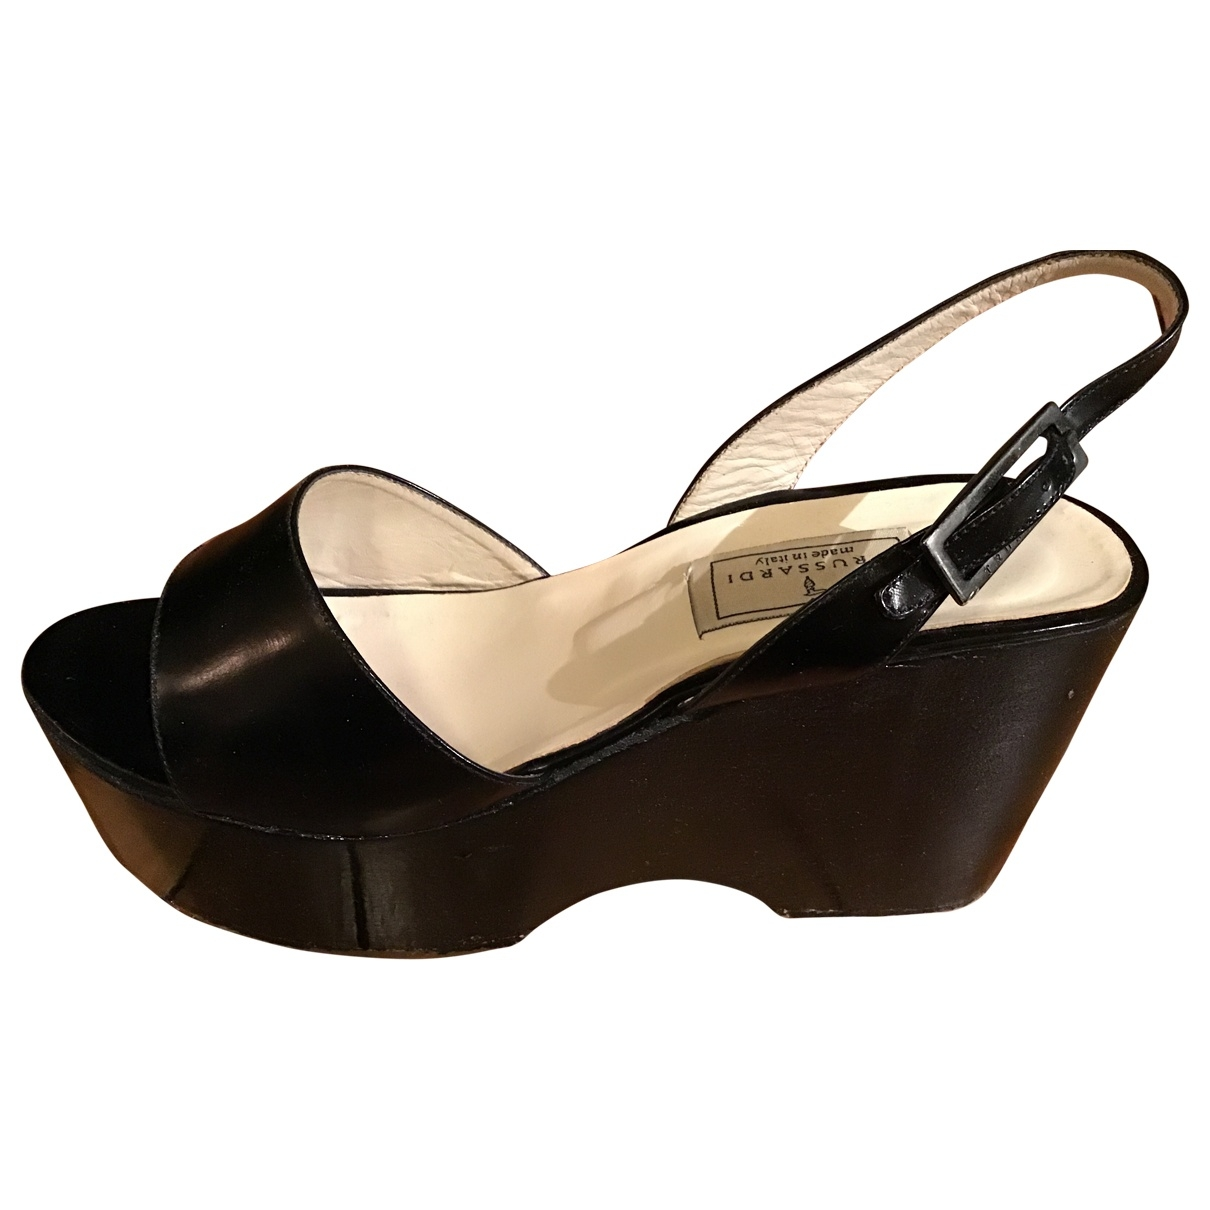 Sandalias de Cuero Trussardi